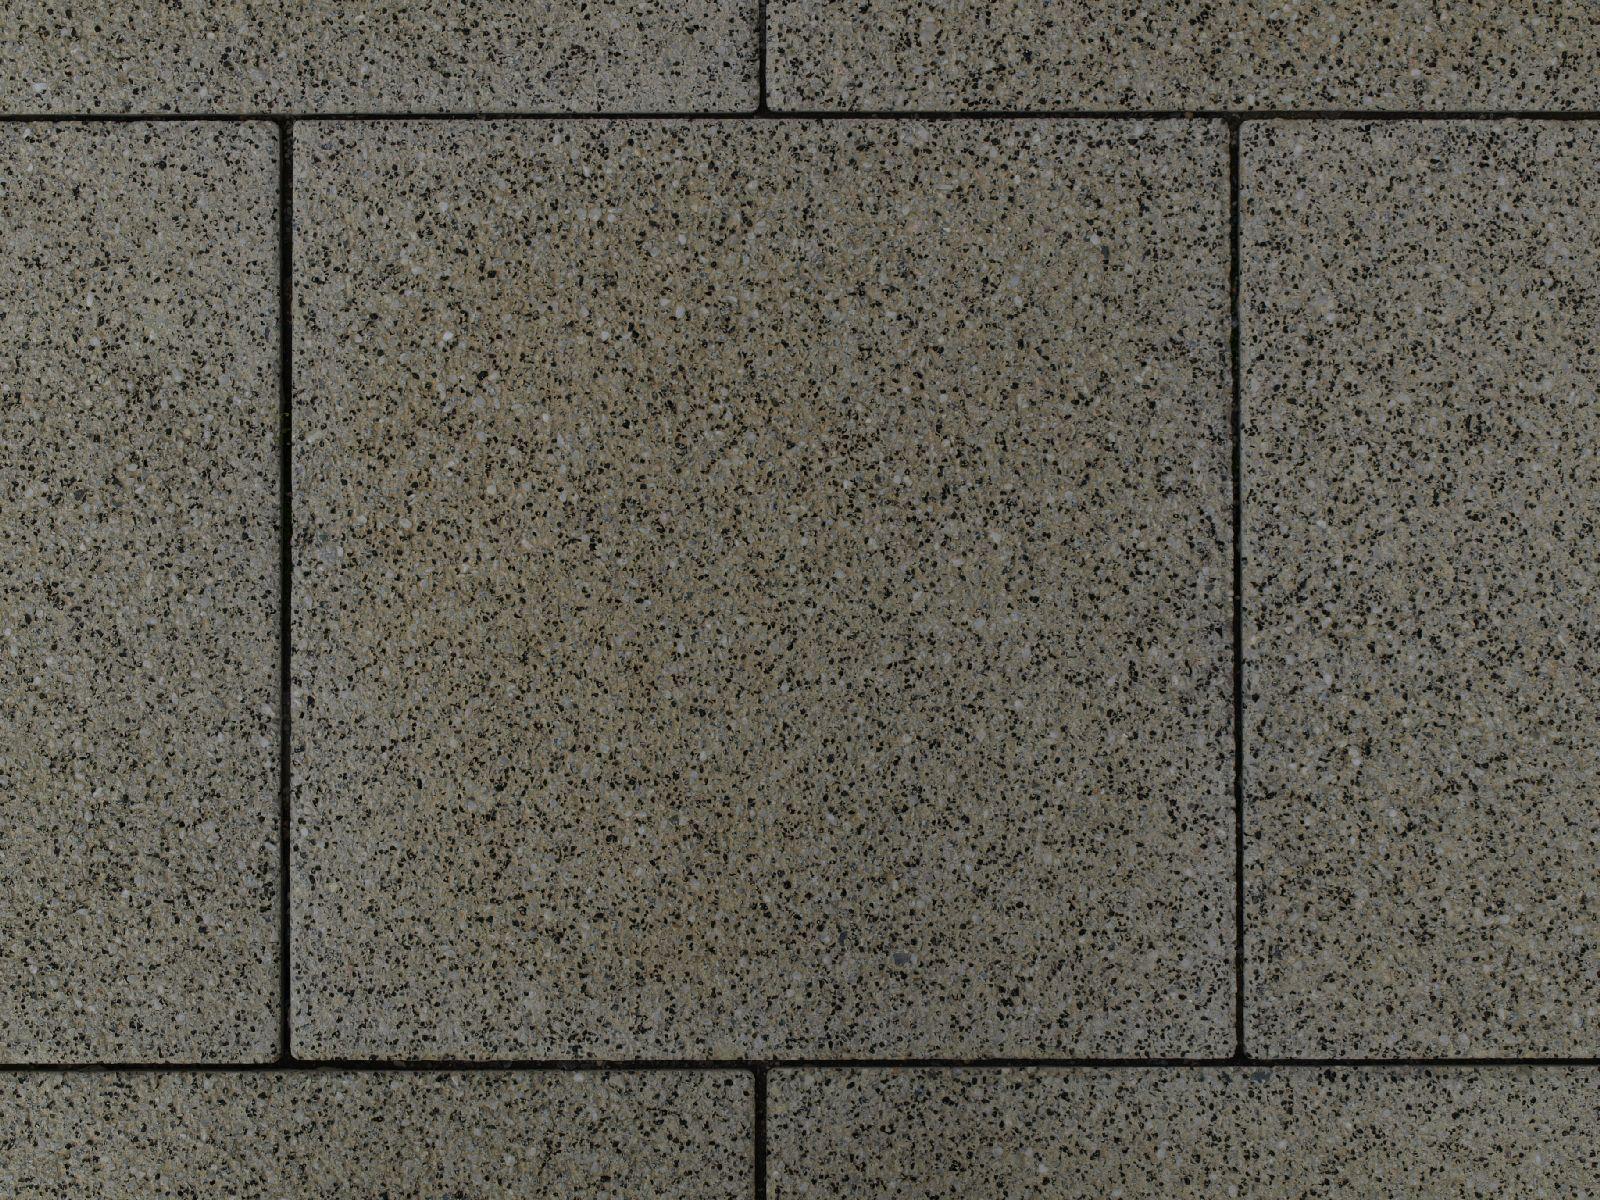 Boden-Gehweg-Strasse-Buergersteig-Textur_A_P9014727